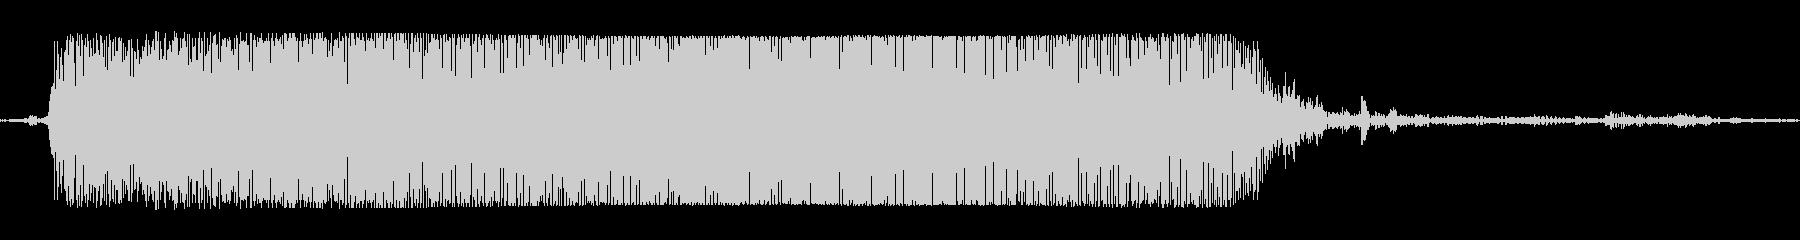 ギターメタルパワーコードzzeの未再生の波形